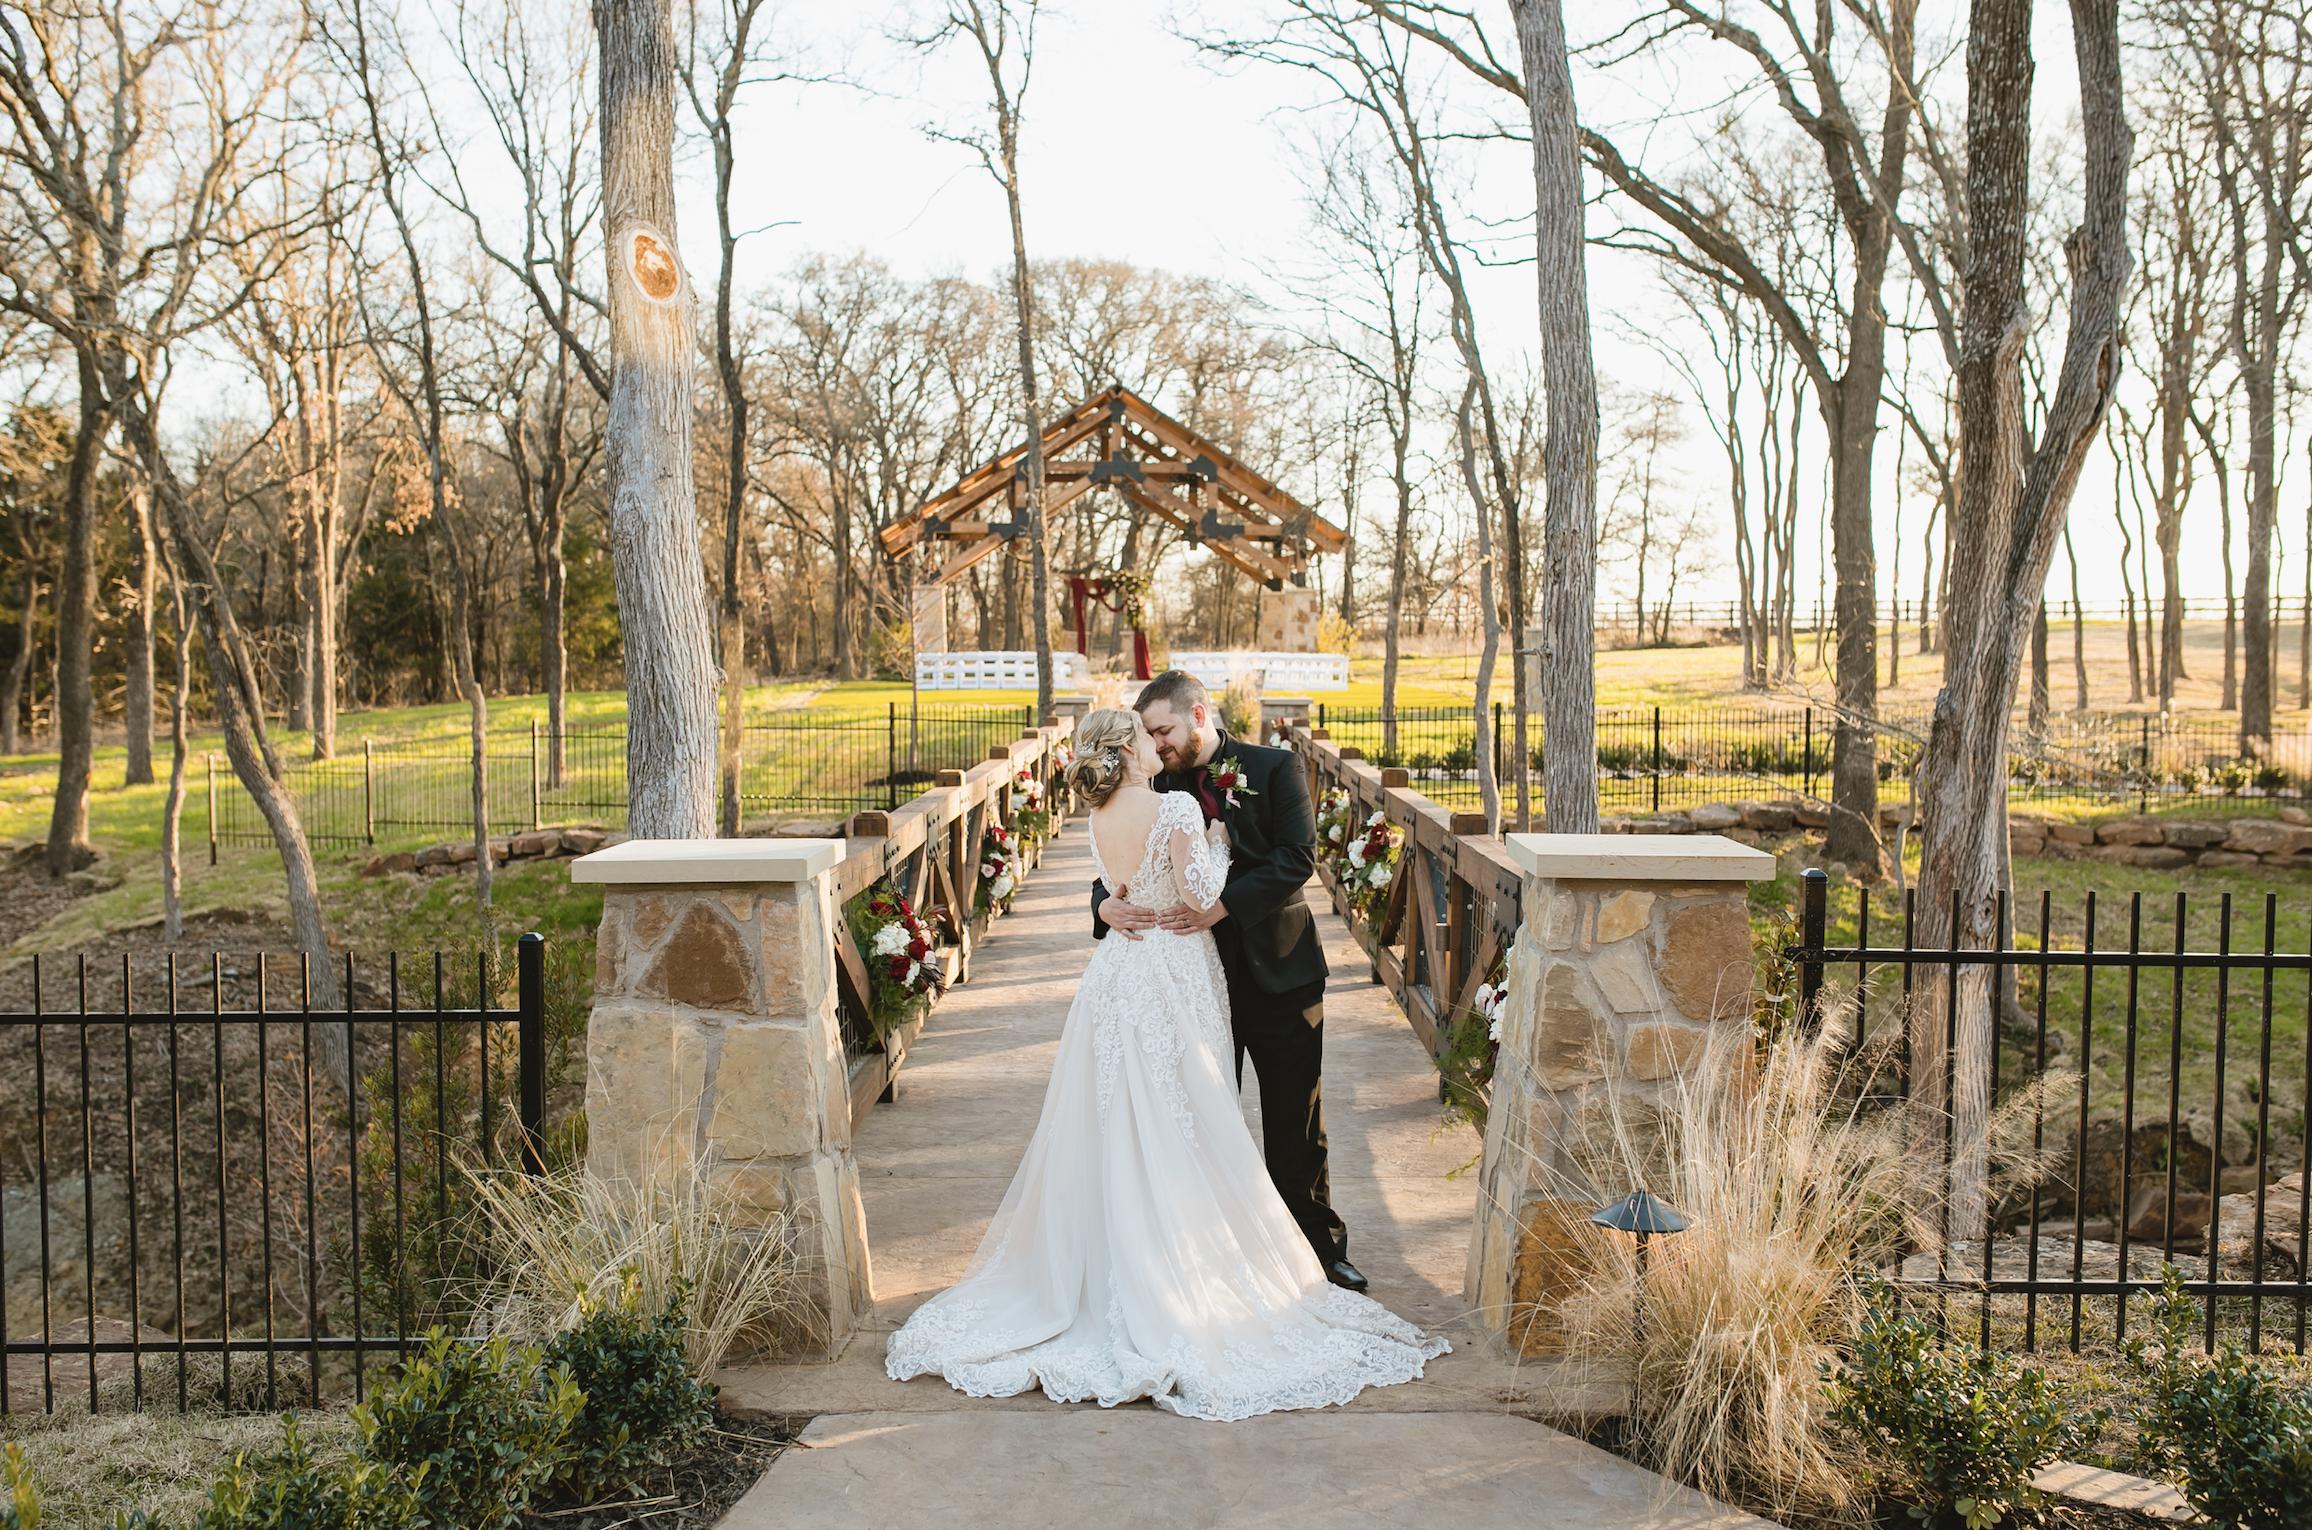 Alvarado Wedding Venue in 2020 (With images) | Dallas ...